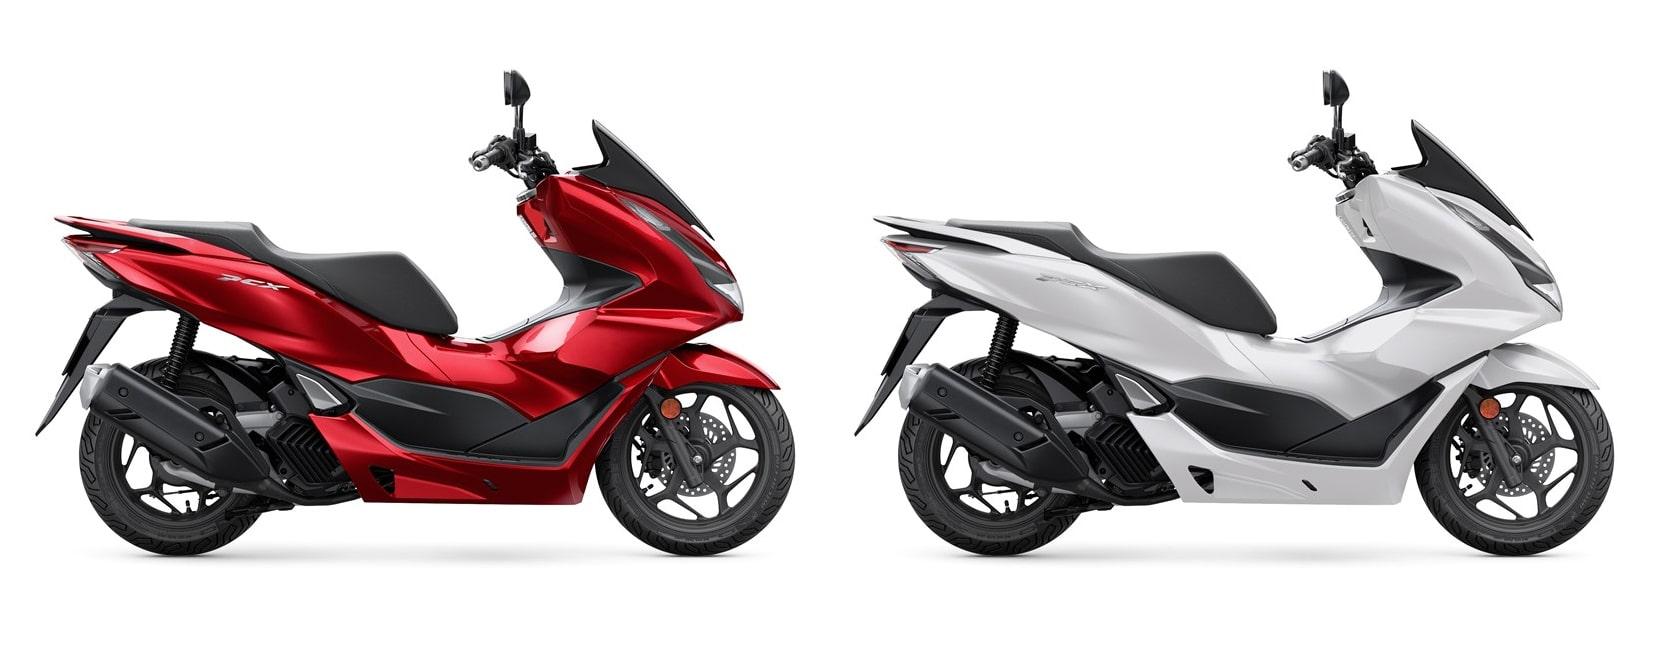 ฮอนด้า PCX125 2021 สีแดงและสีขาว